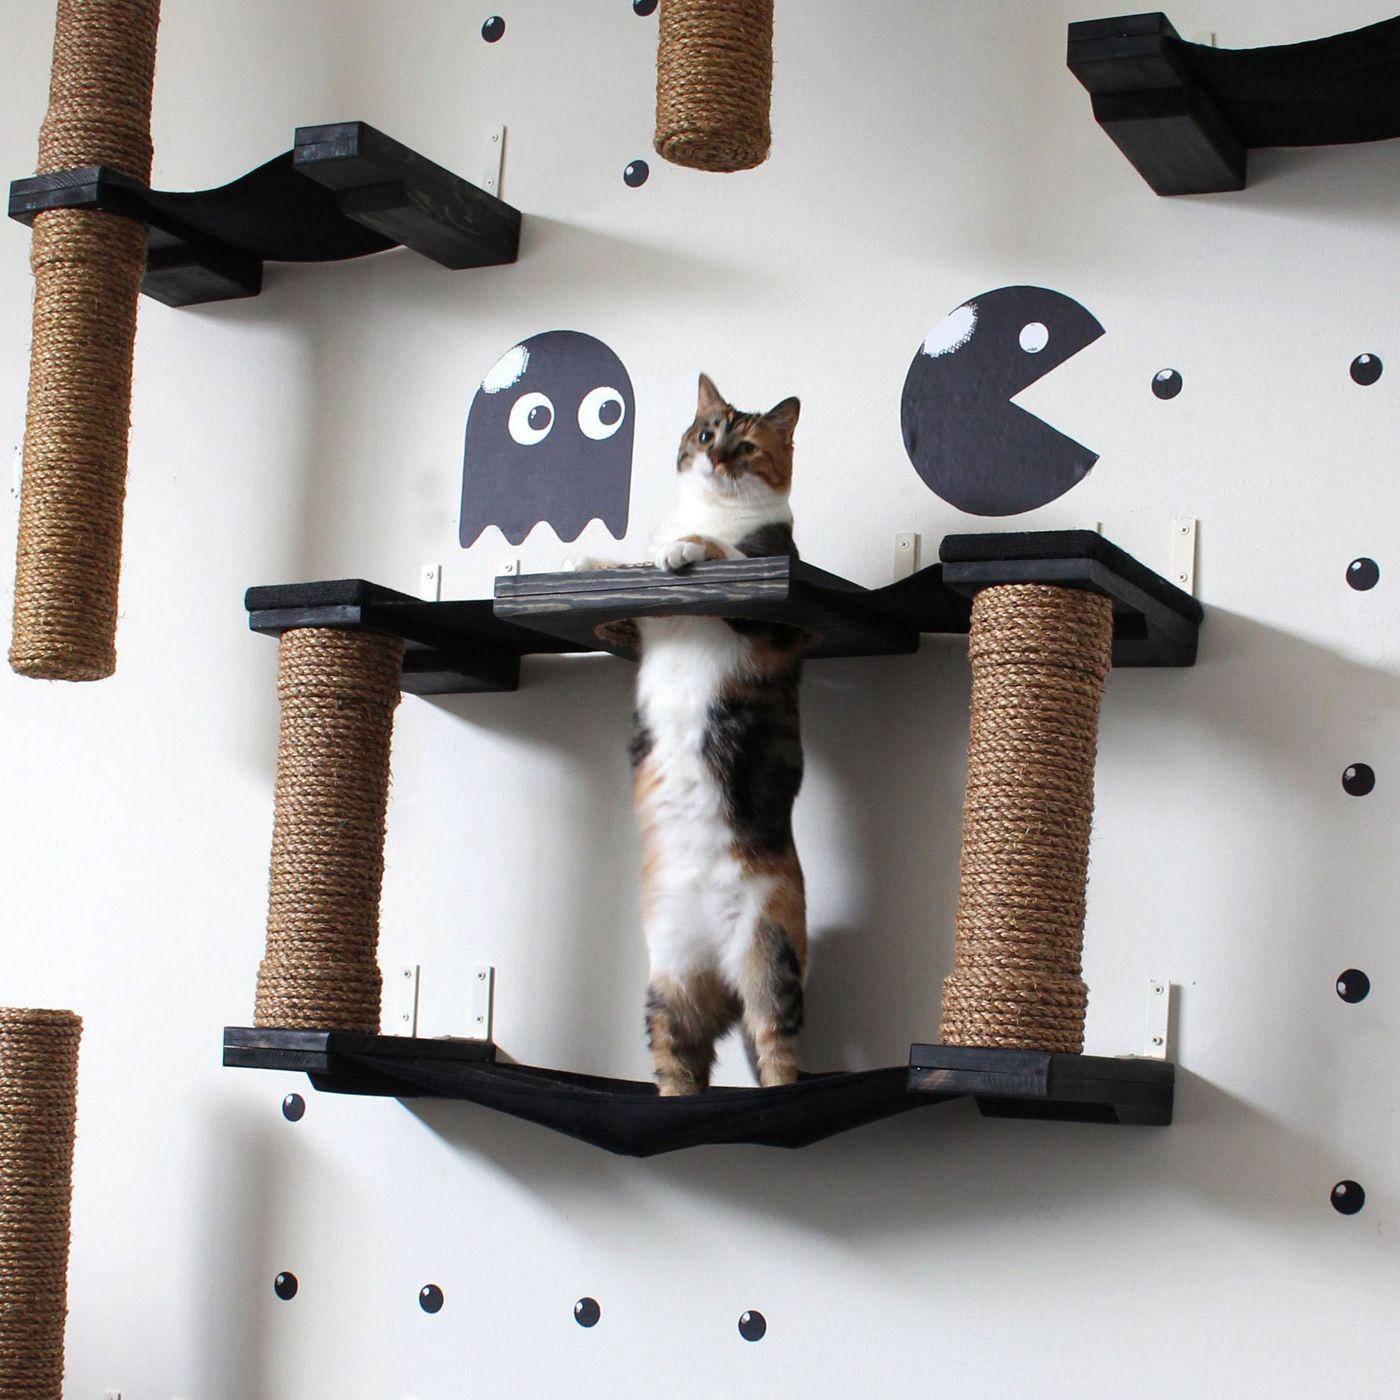 12 parcours g niaux pour votre chat acrobate perchoirs pour chat pinterest cats et how to plan. Black Bedroom Furniture Sets. Home Design Ideas